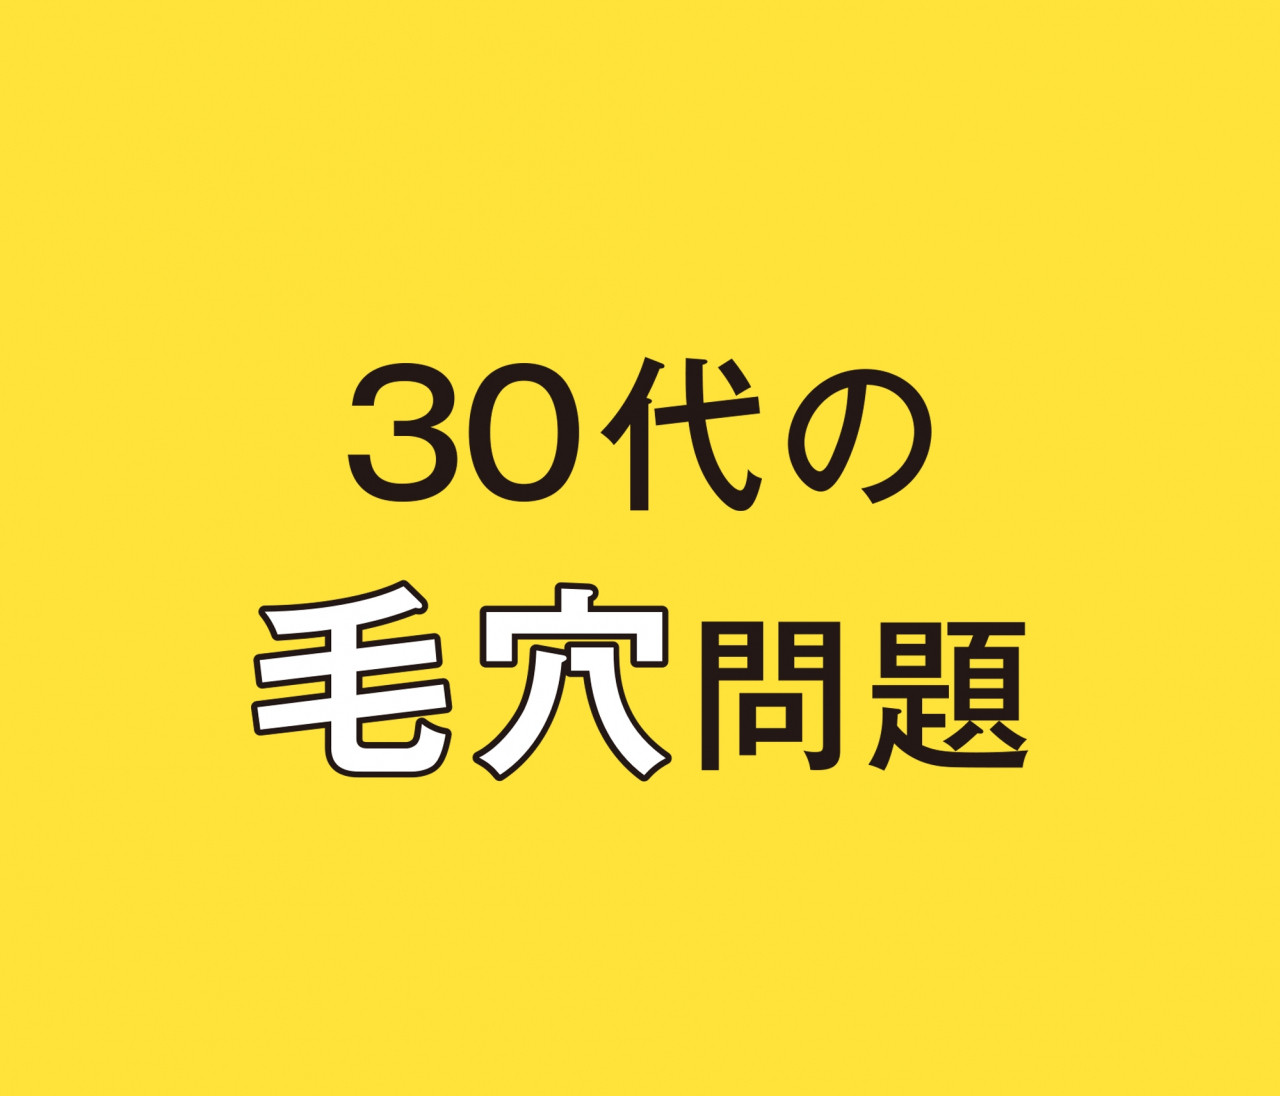 【毛穴ケア】30代を悩ませる毛穴4タイプはコレ!withマスク時代の毛穴ケア